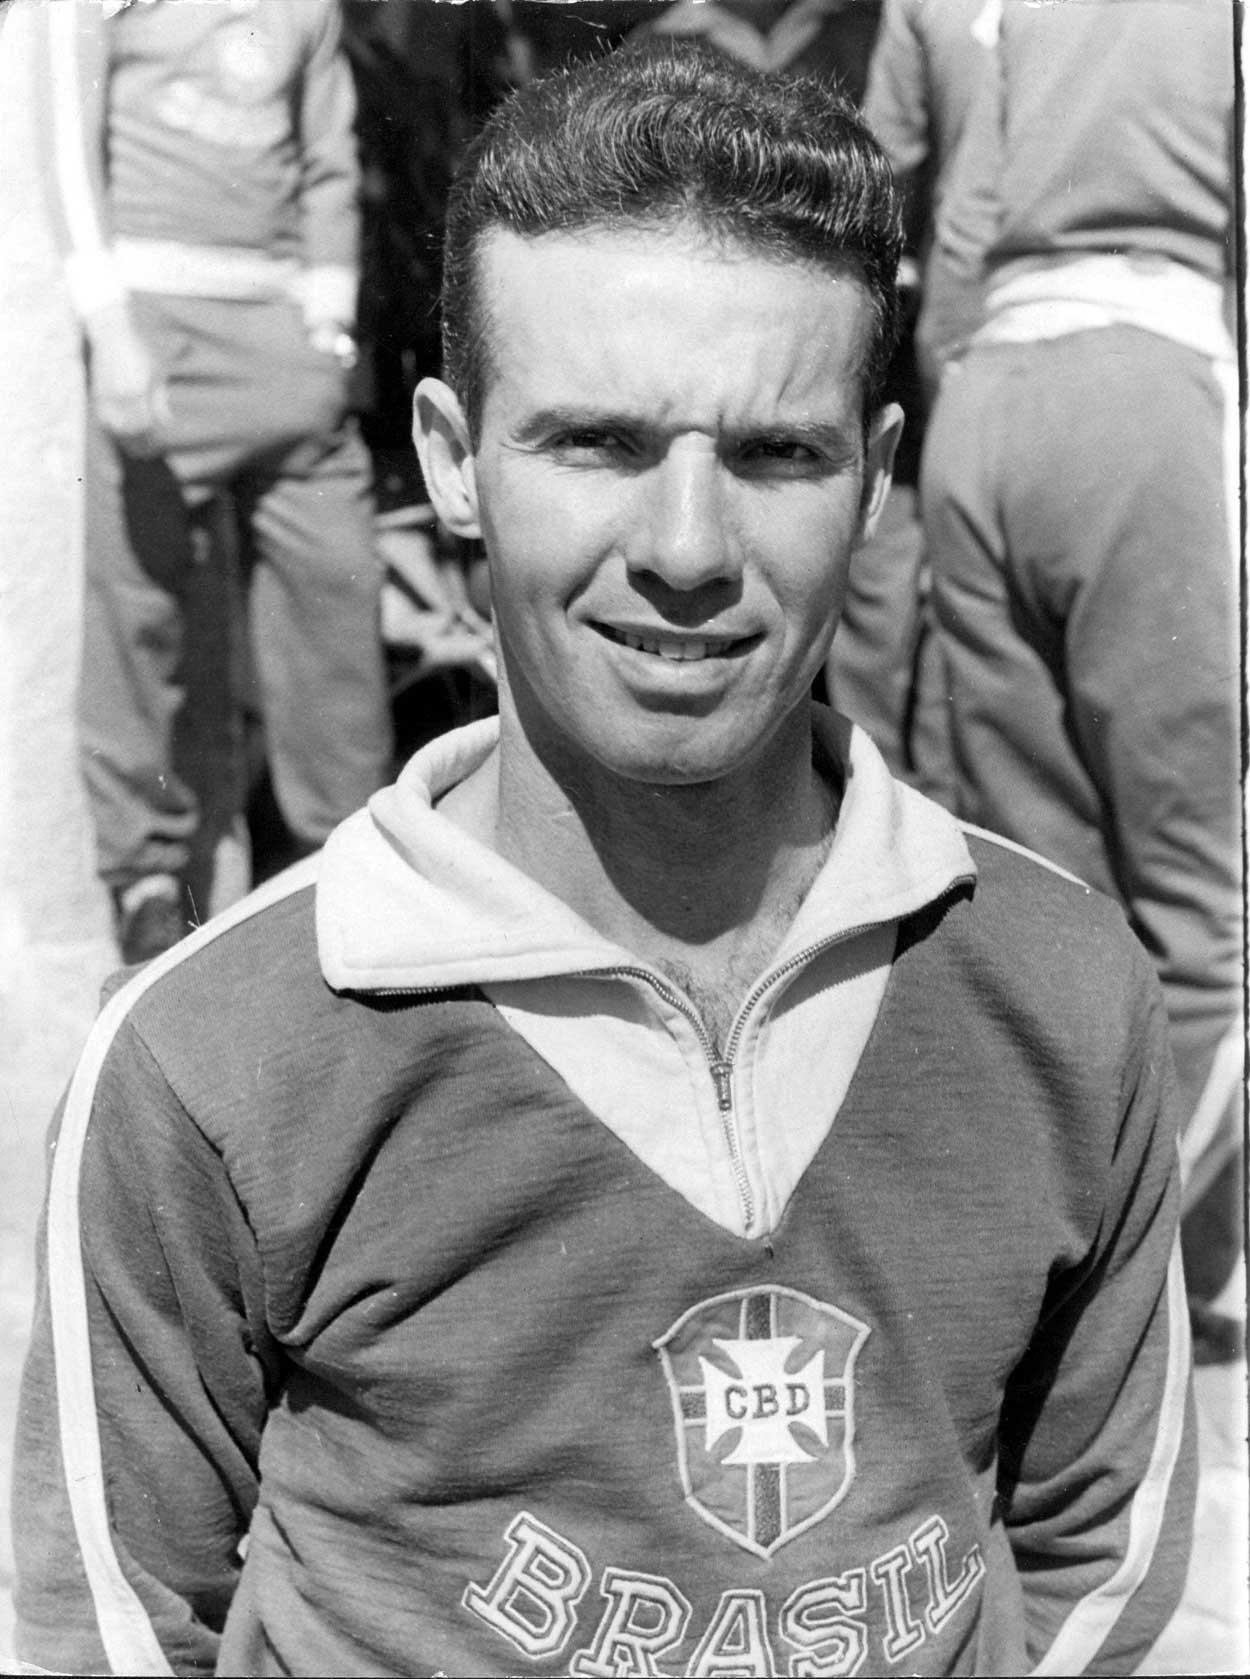 zagalo_1962_Chile